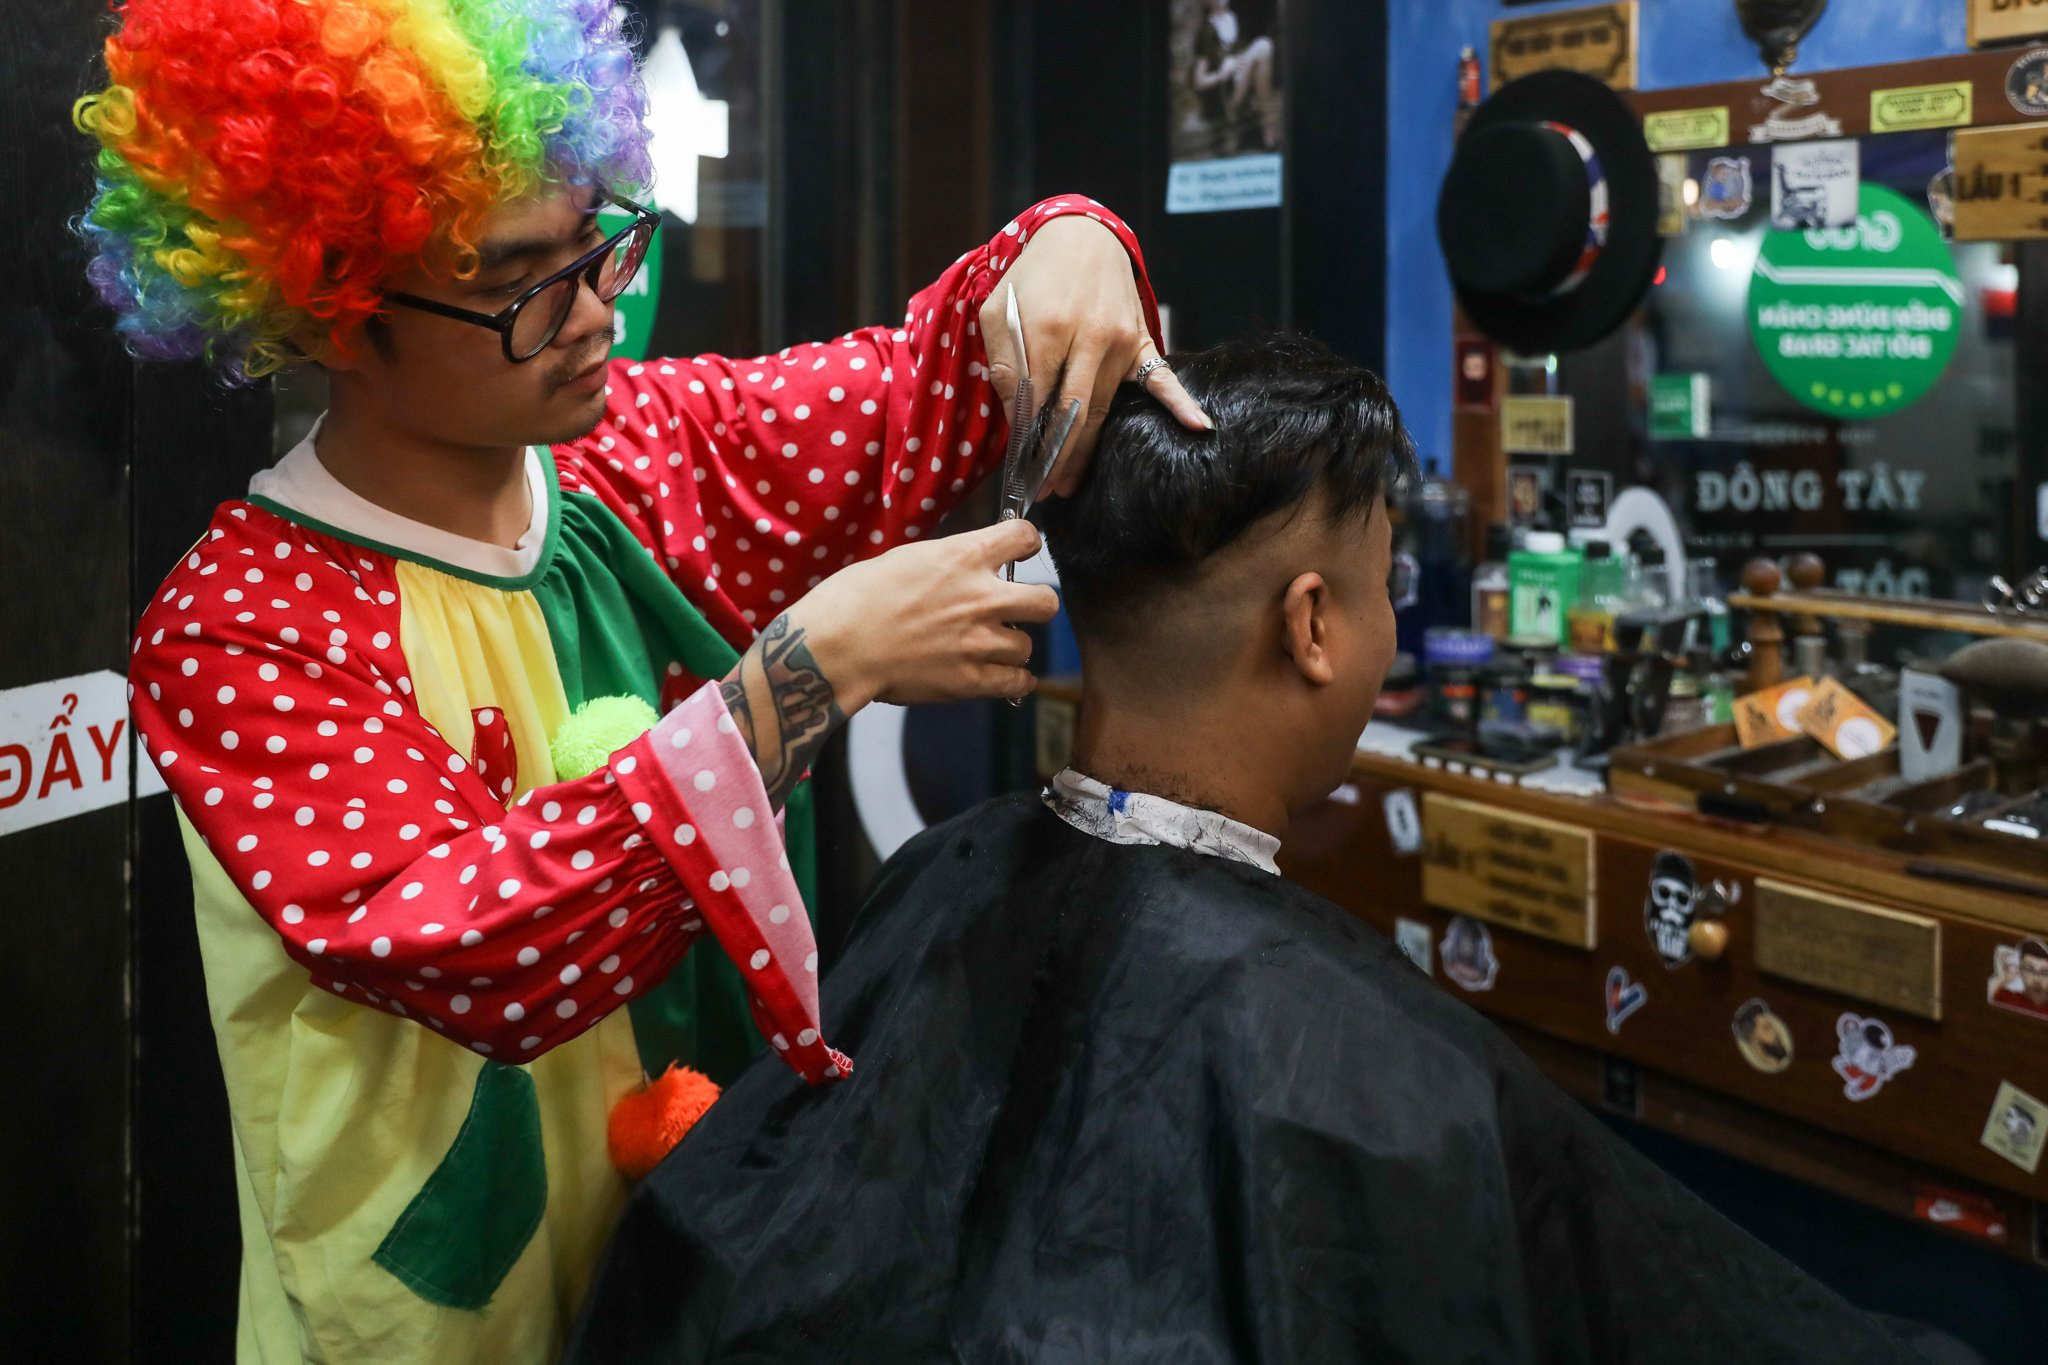 Chàng trai hóa thân thành chú hề đi hớt tóc cho người vô gia cư - 1